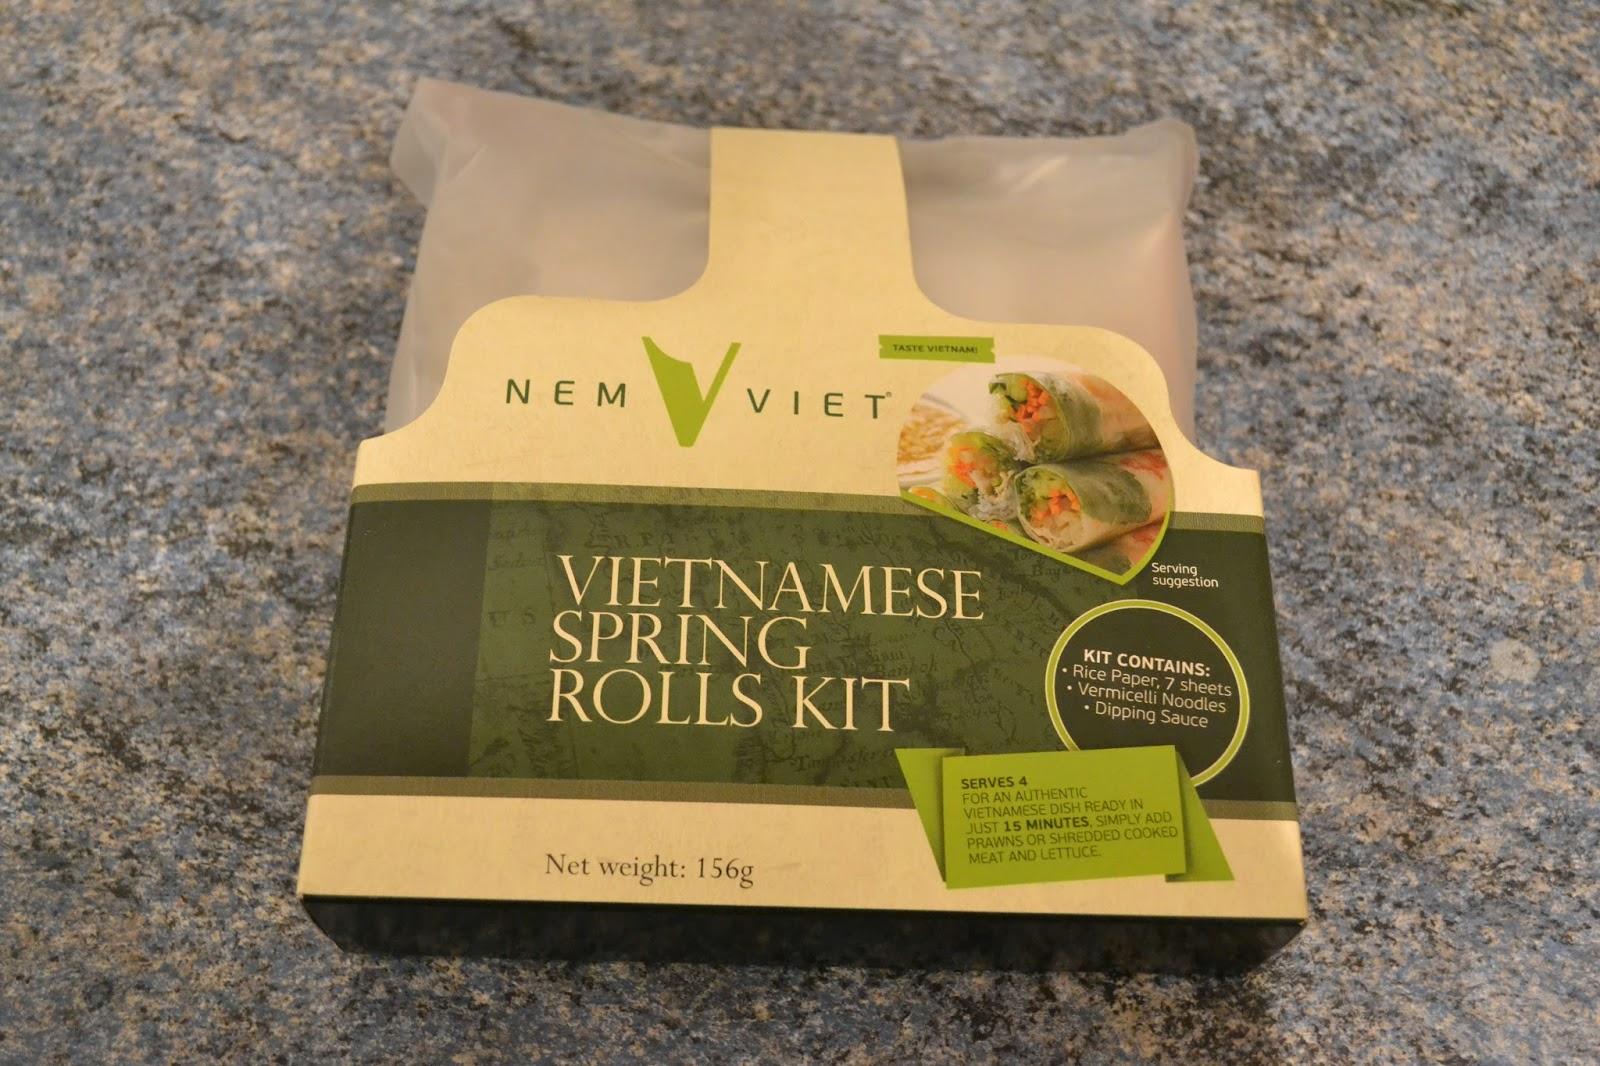 Nem Viet, Vietnamese Spring Rolls Kit